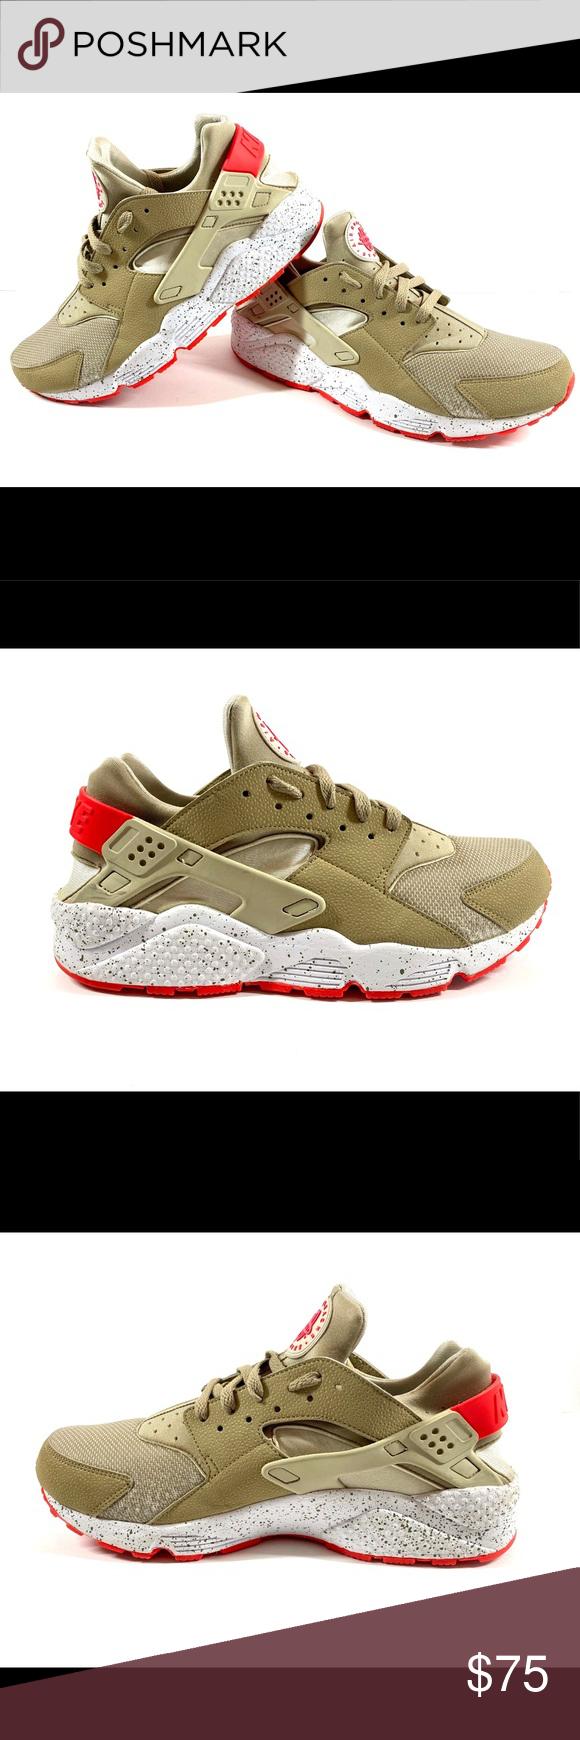 Getto Disarmato Passero Nike Huarache Beige Laser Crimson Leggero Dalset Manganello